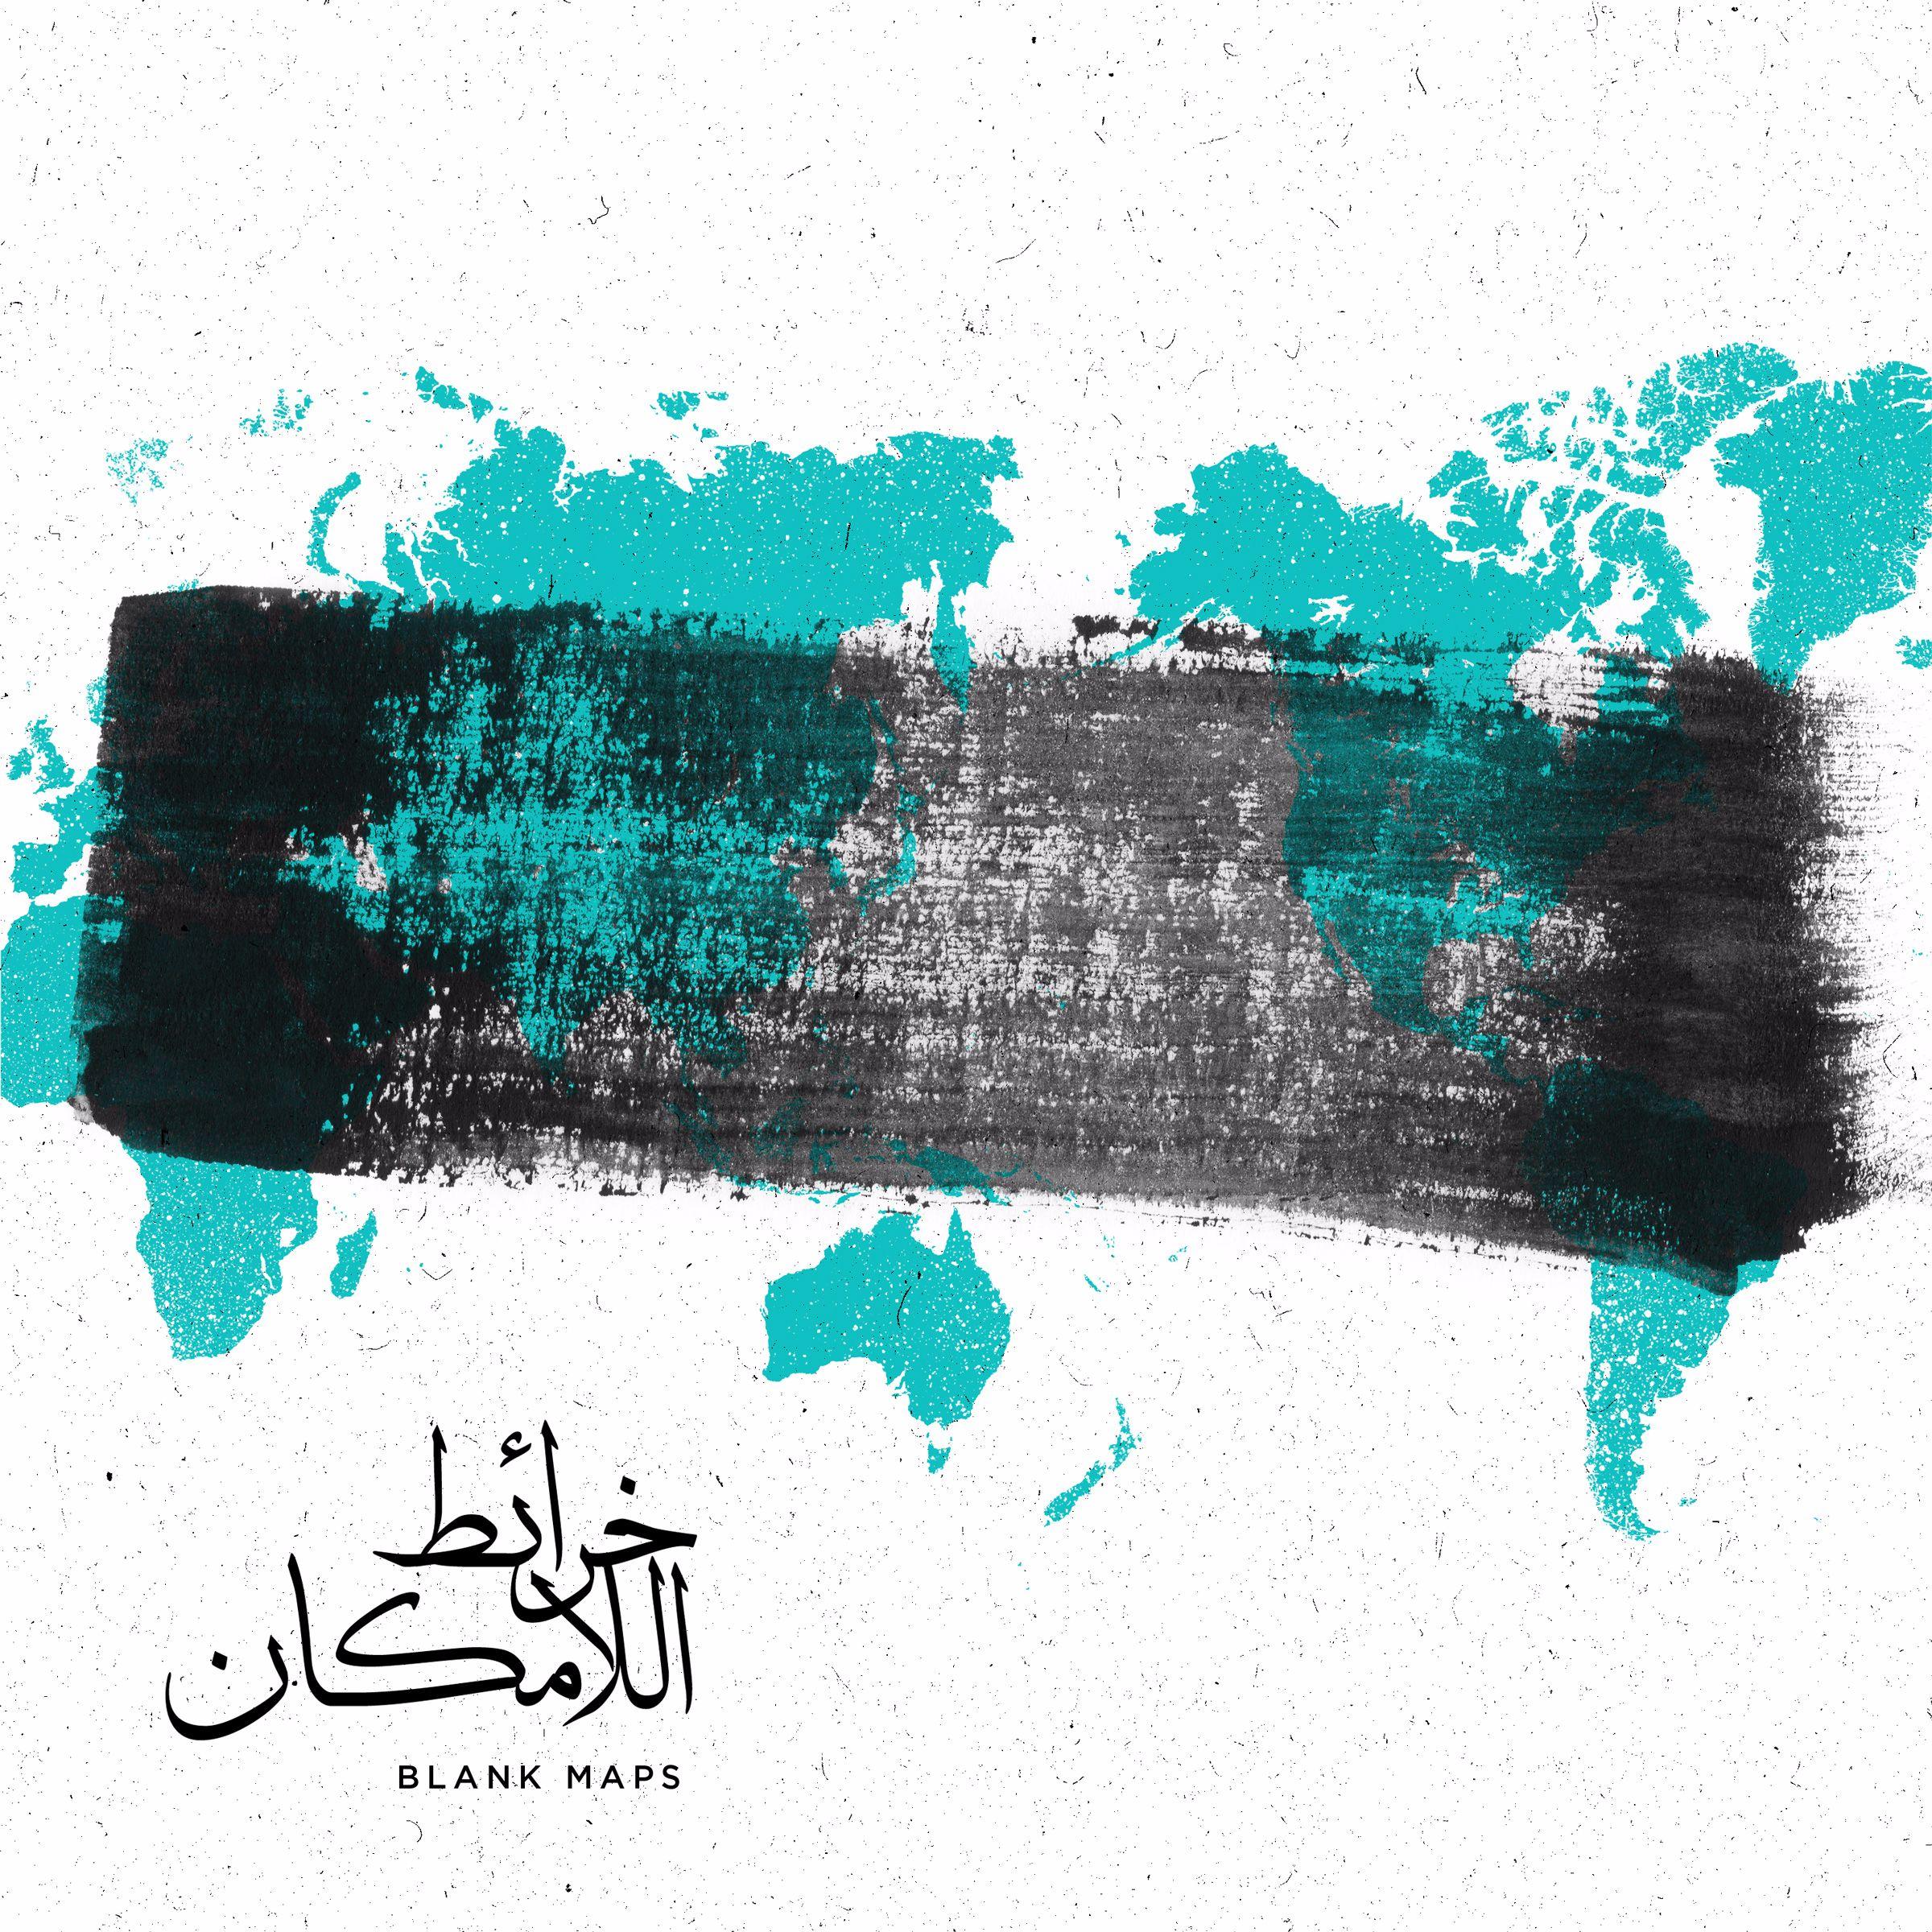 الحلقة الأولى: طفولة غير شرعية- صوت من السودان